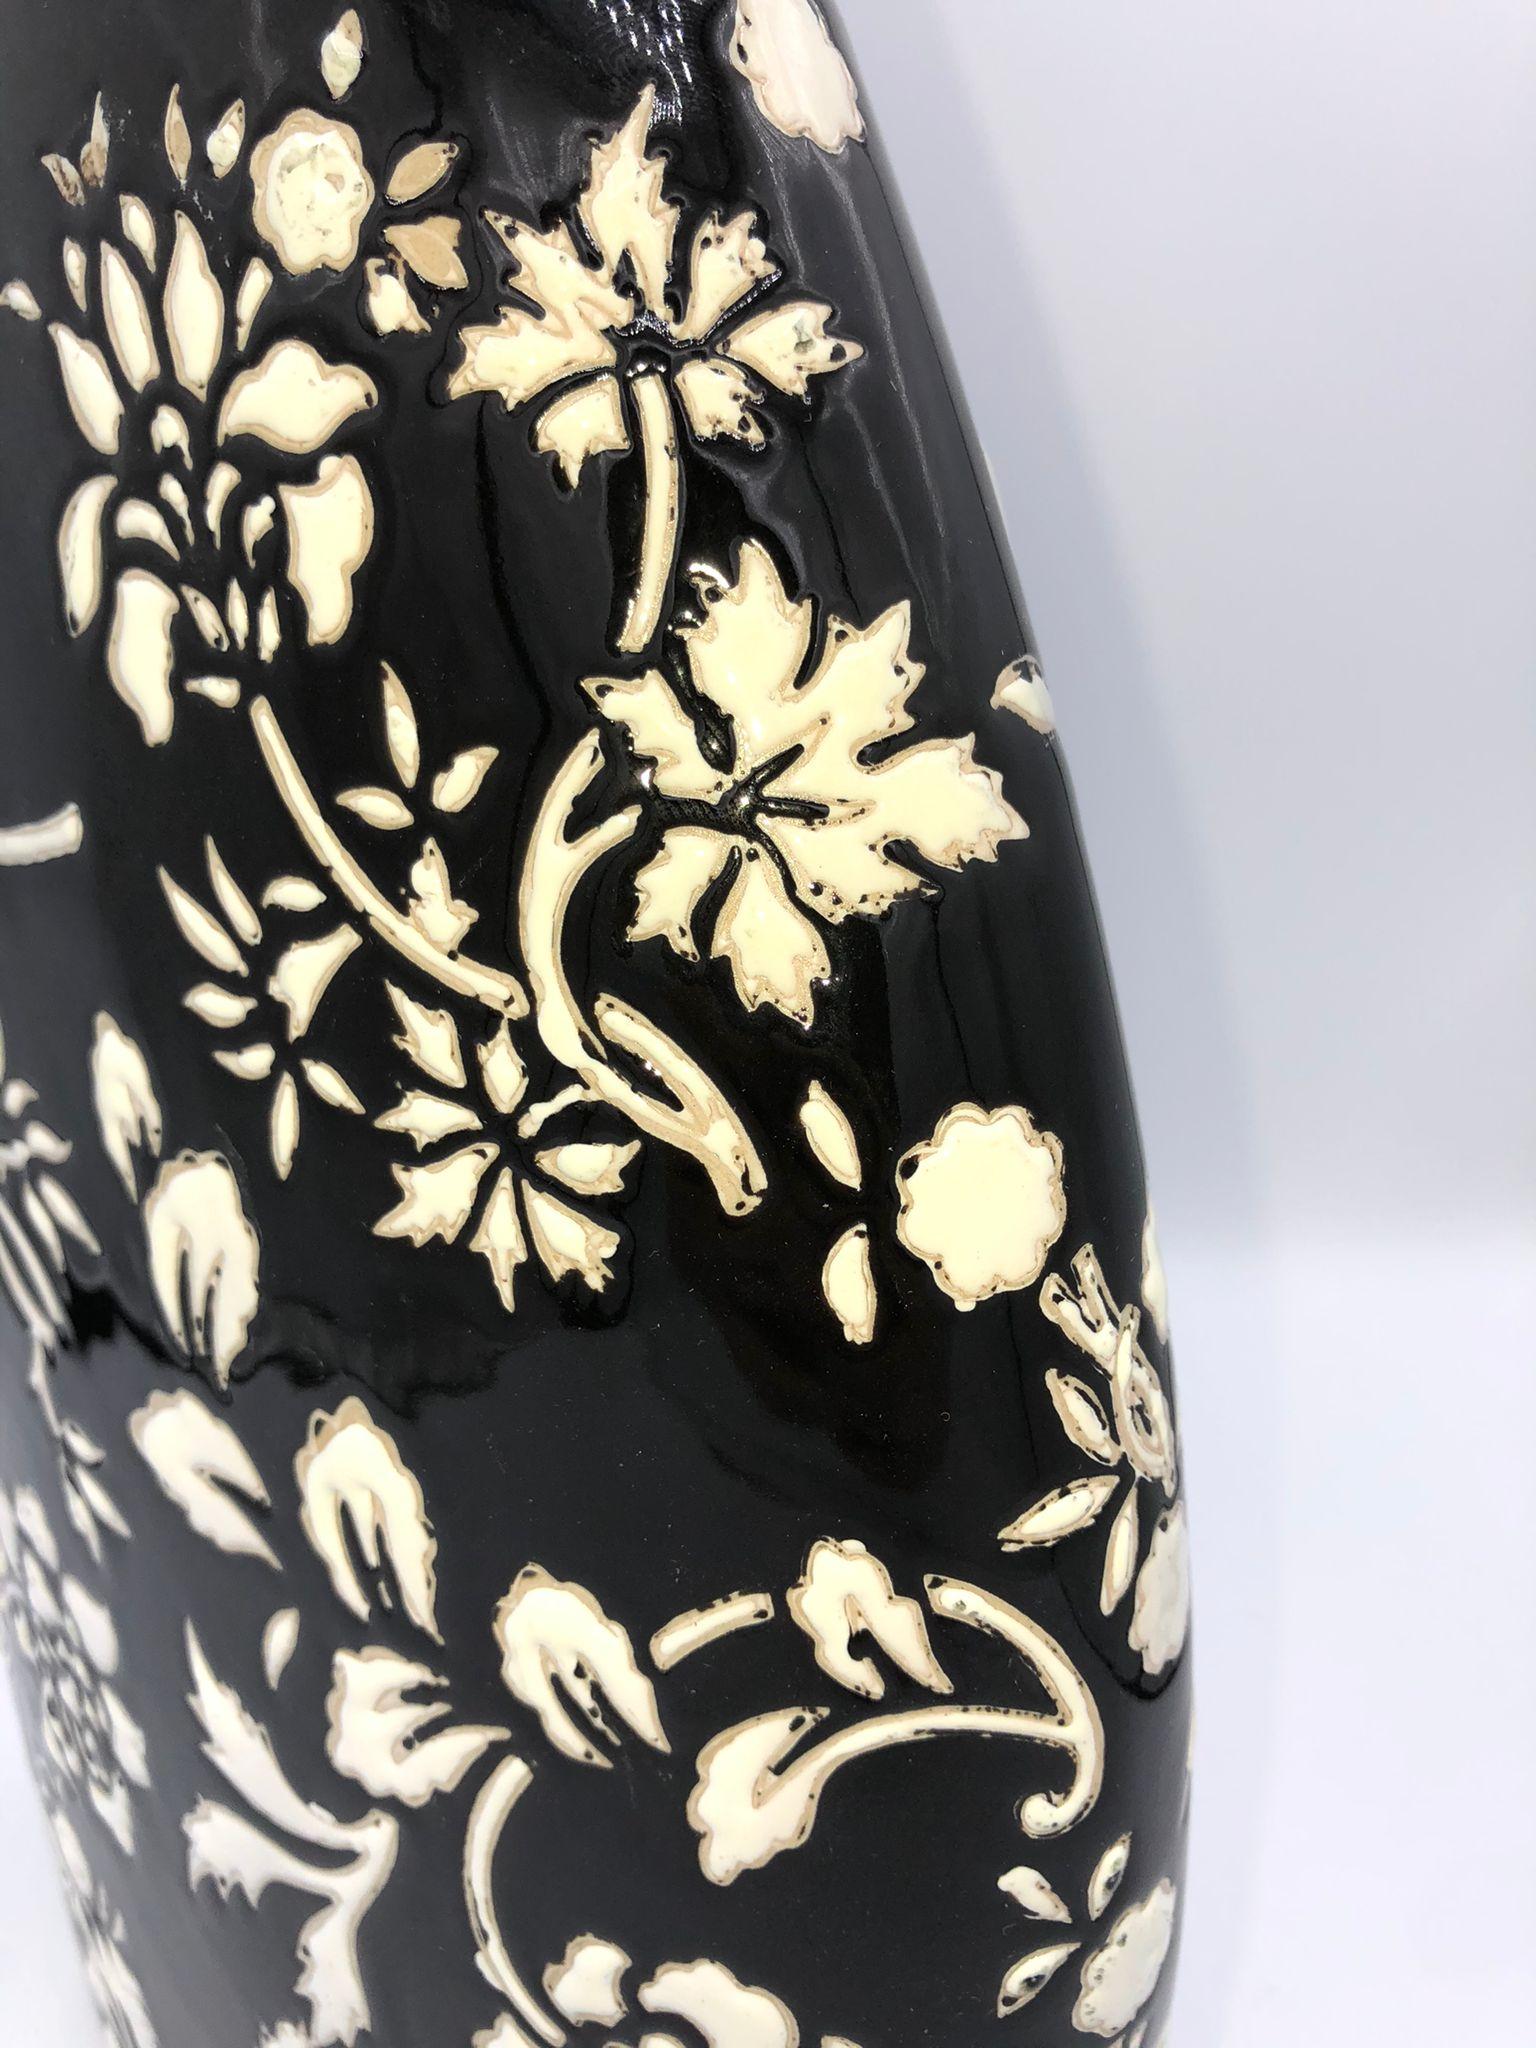 Jarrón de porcelana color negro con flores blancas